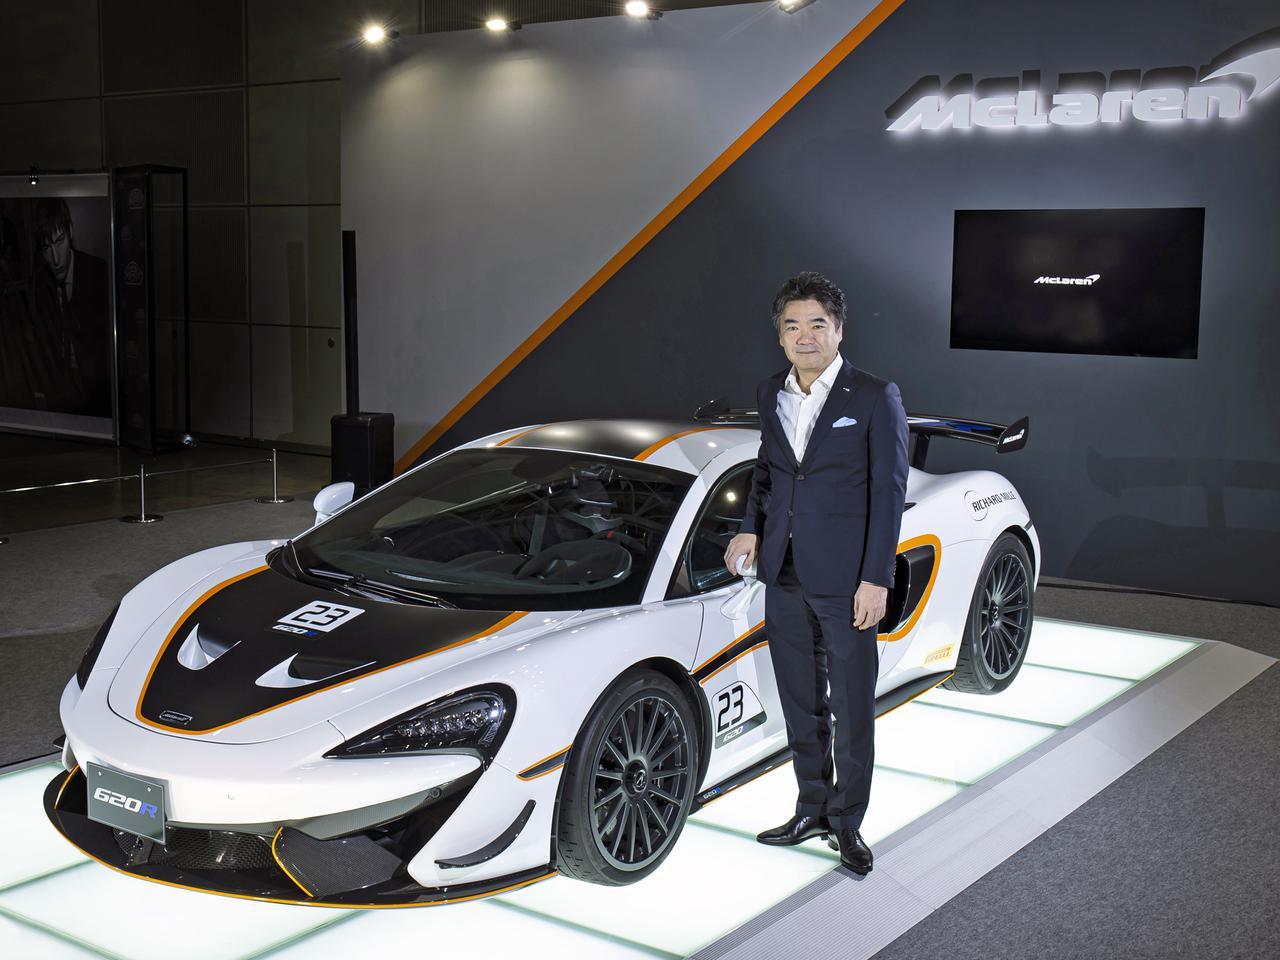 「公道も走れるレーシングカー」、マクラーレン 620Rが日本初公開に!